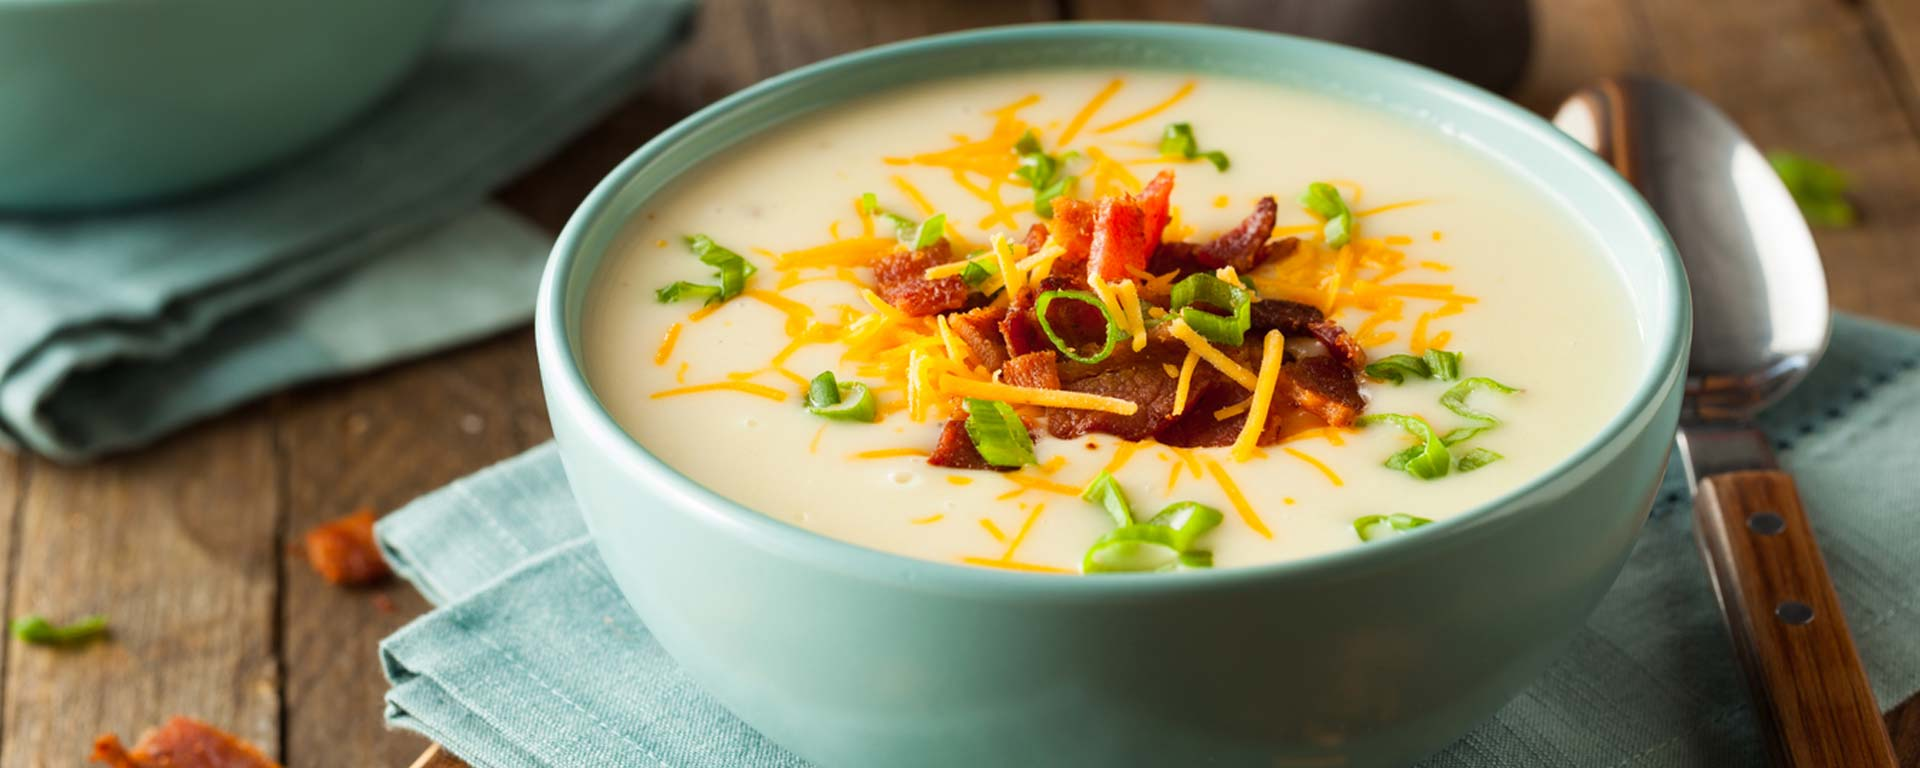 Photo for - Soupe aux pommes de terre, aux choux-fleurs et au fromage cheddar